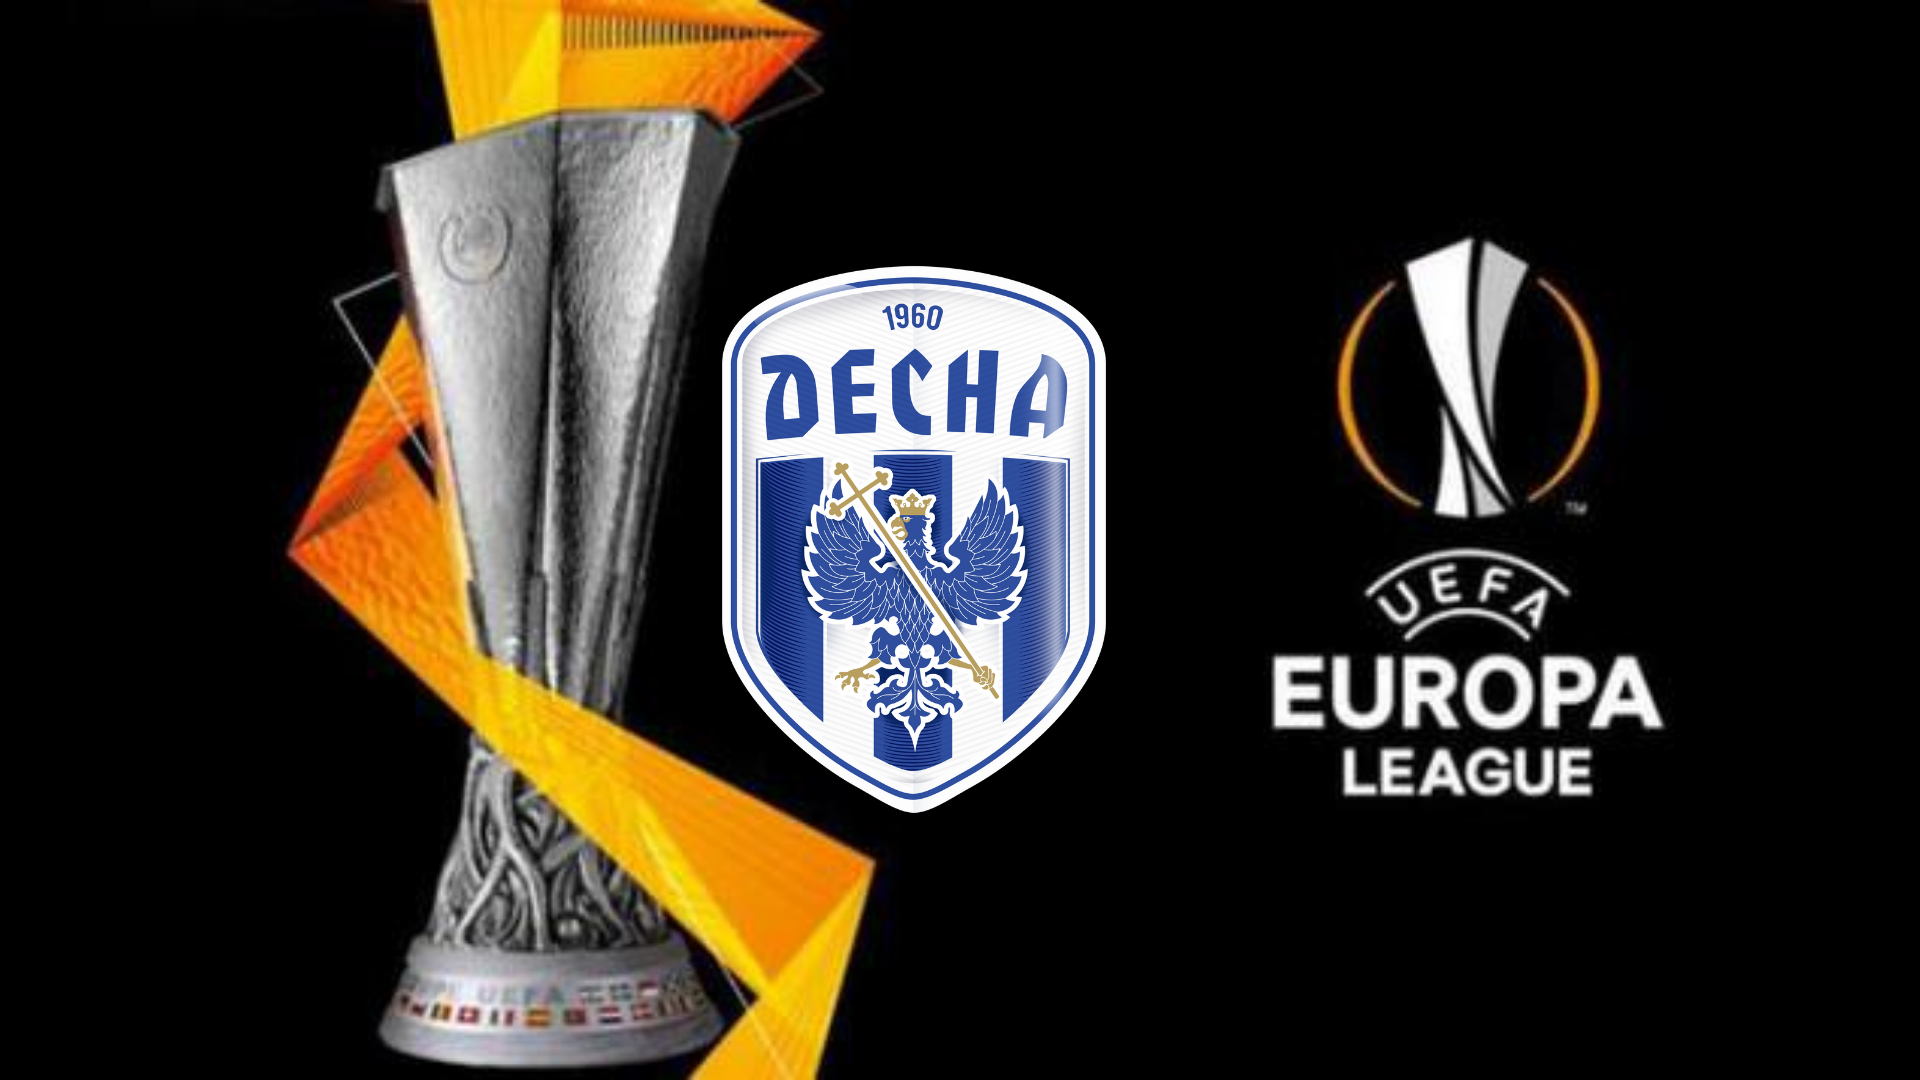 Жеребьевка Лиги Европы: Десна узнала потенциального соперника по третьему раунду квалификации